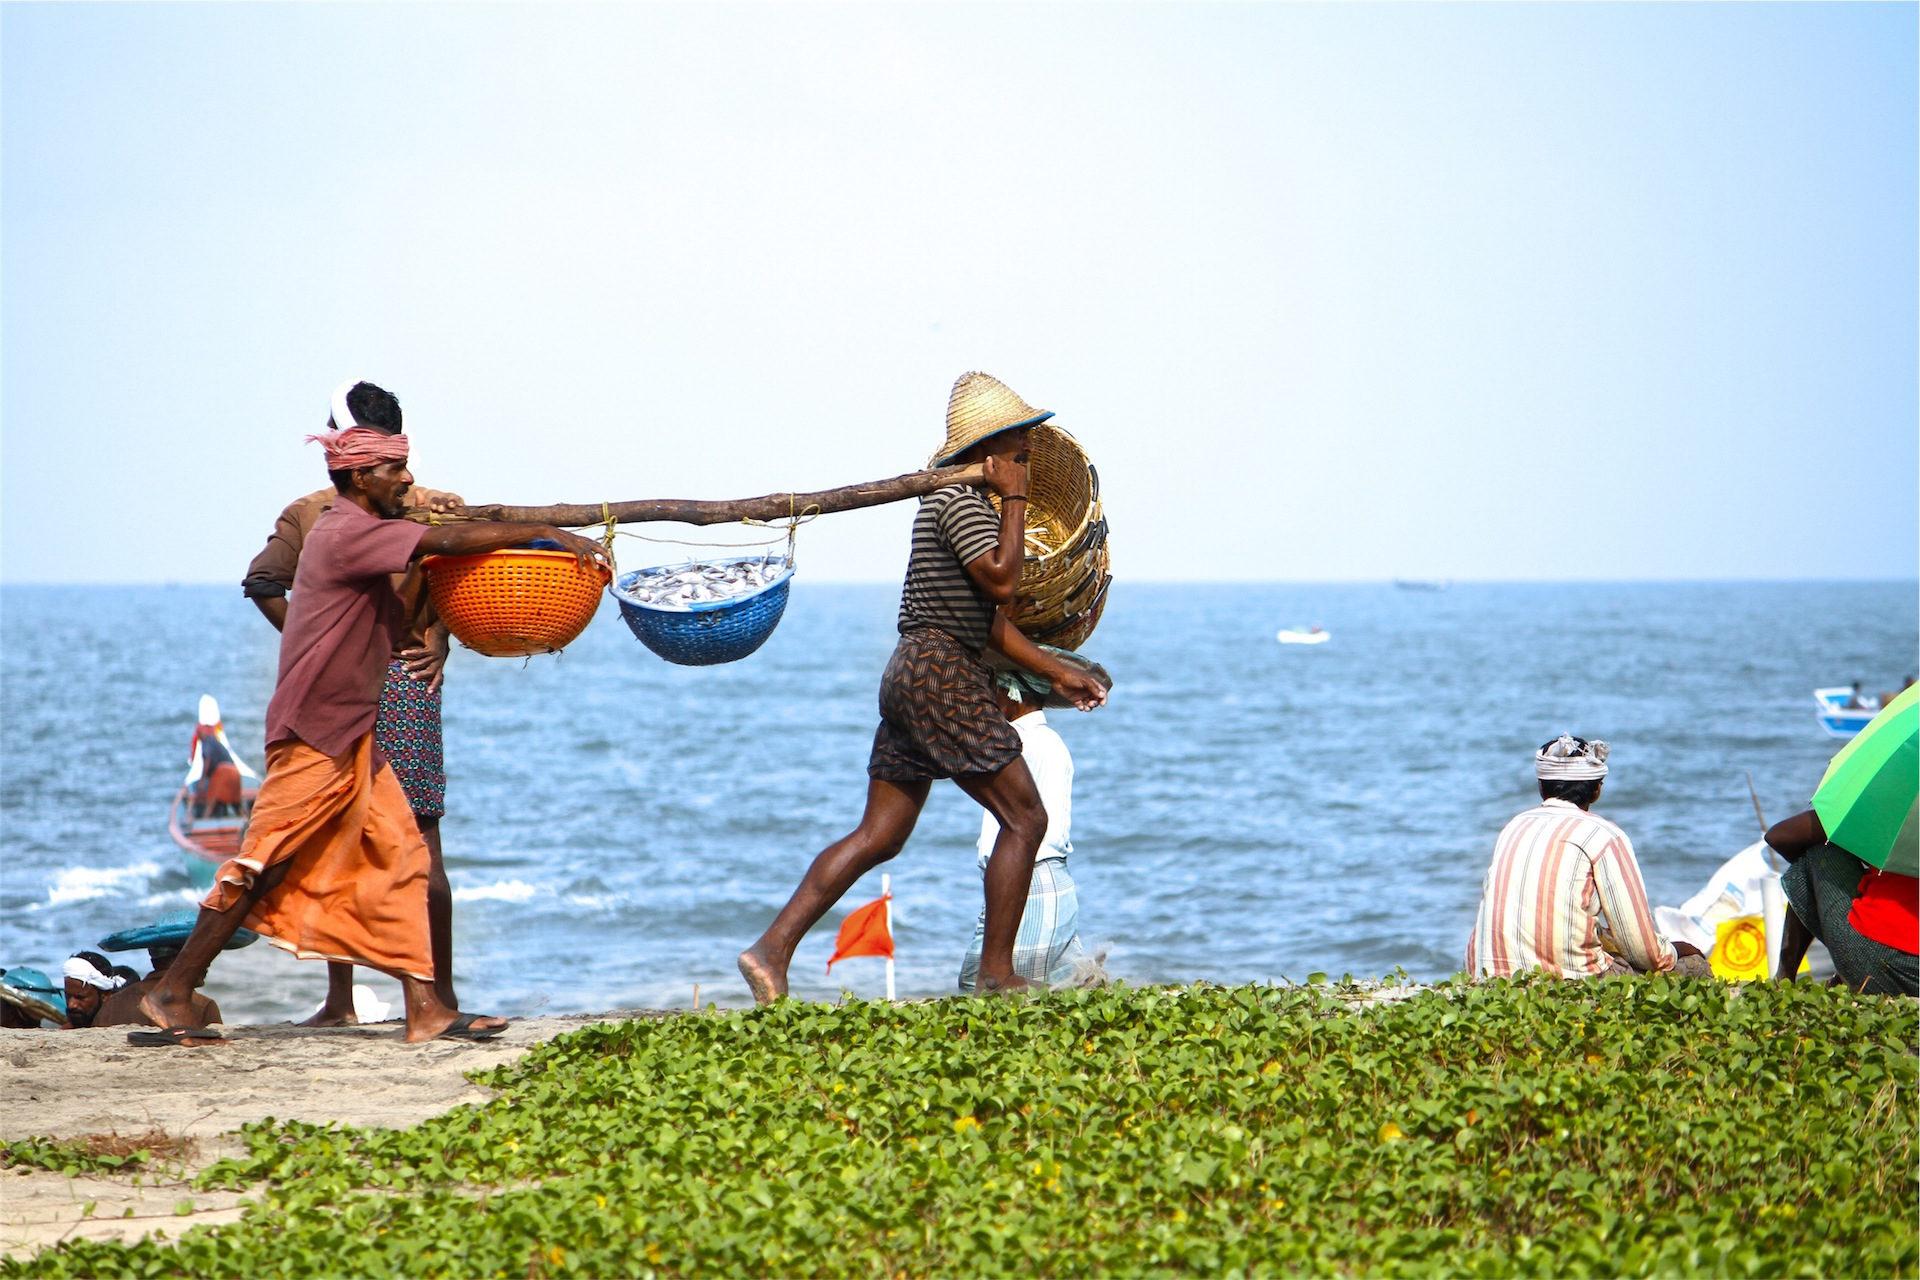 pescadores, trabajo, mar, pescado, vidas - Fondos de Pantalla HD - professor-falken.com